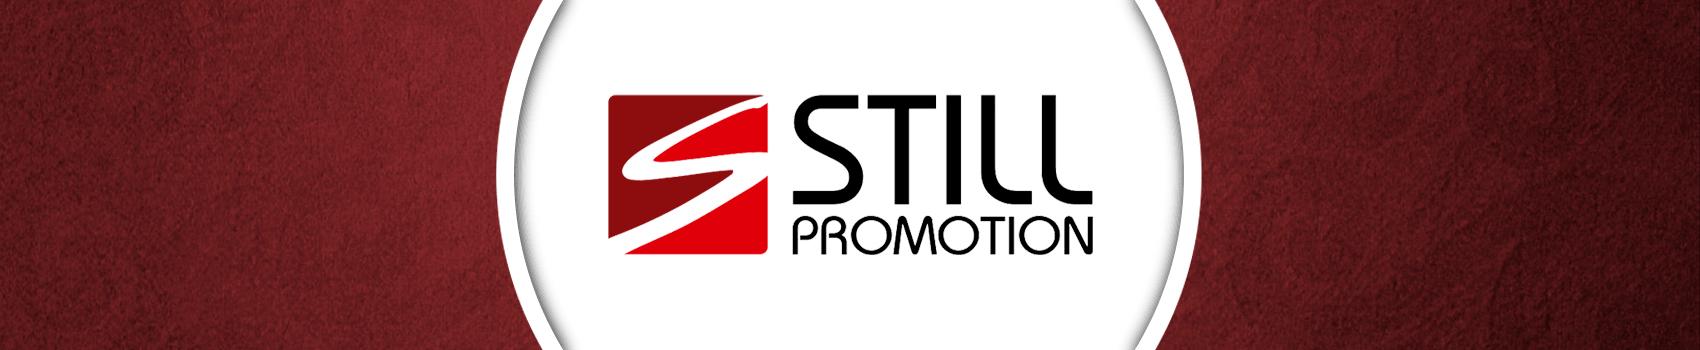 Still Promotion